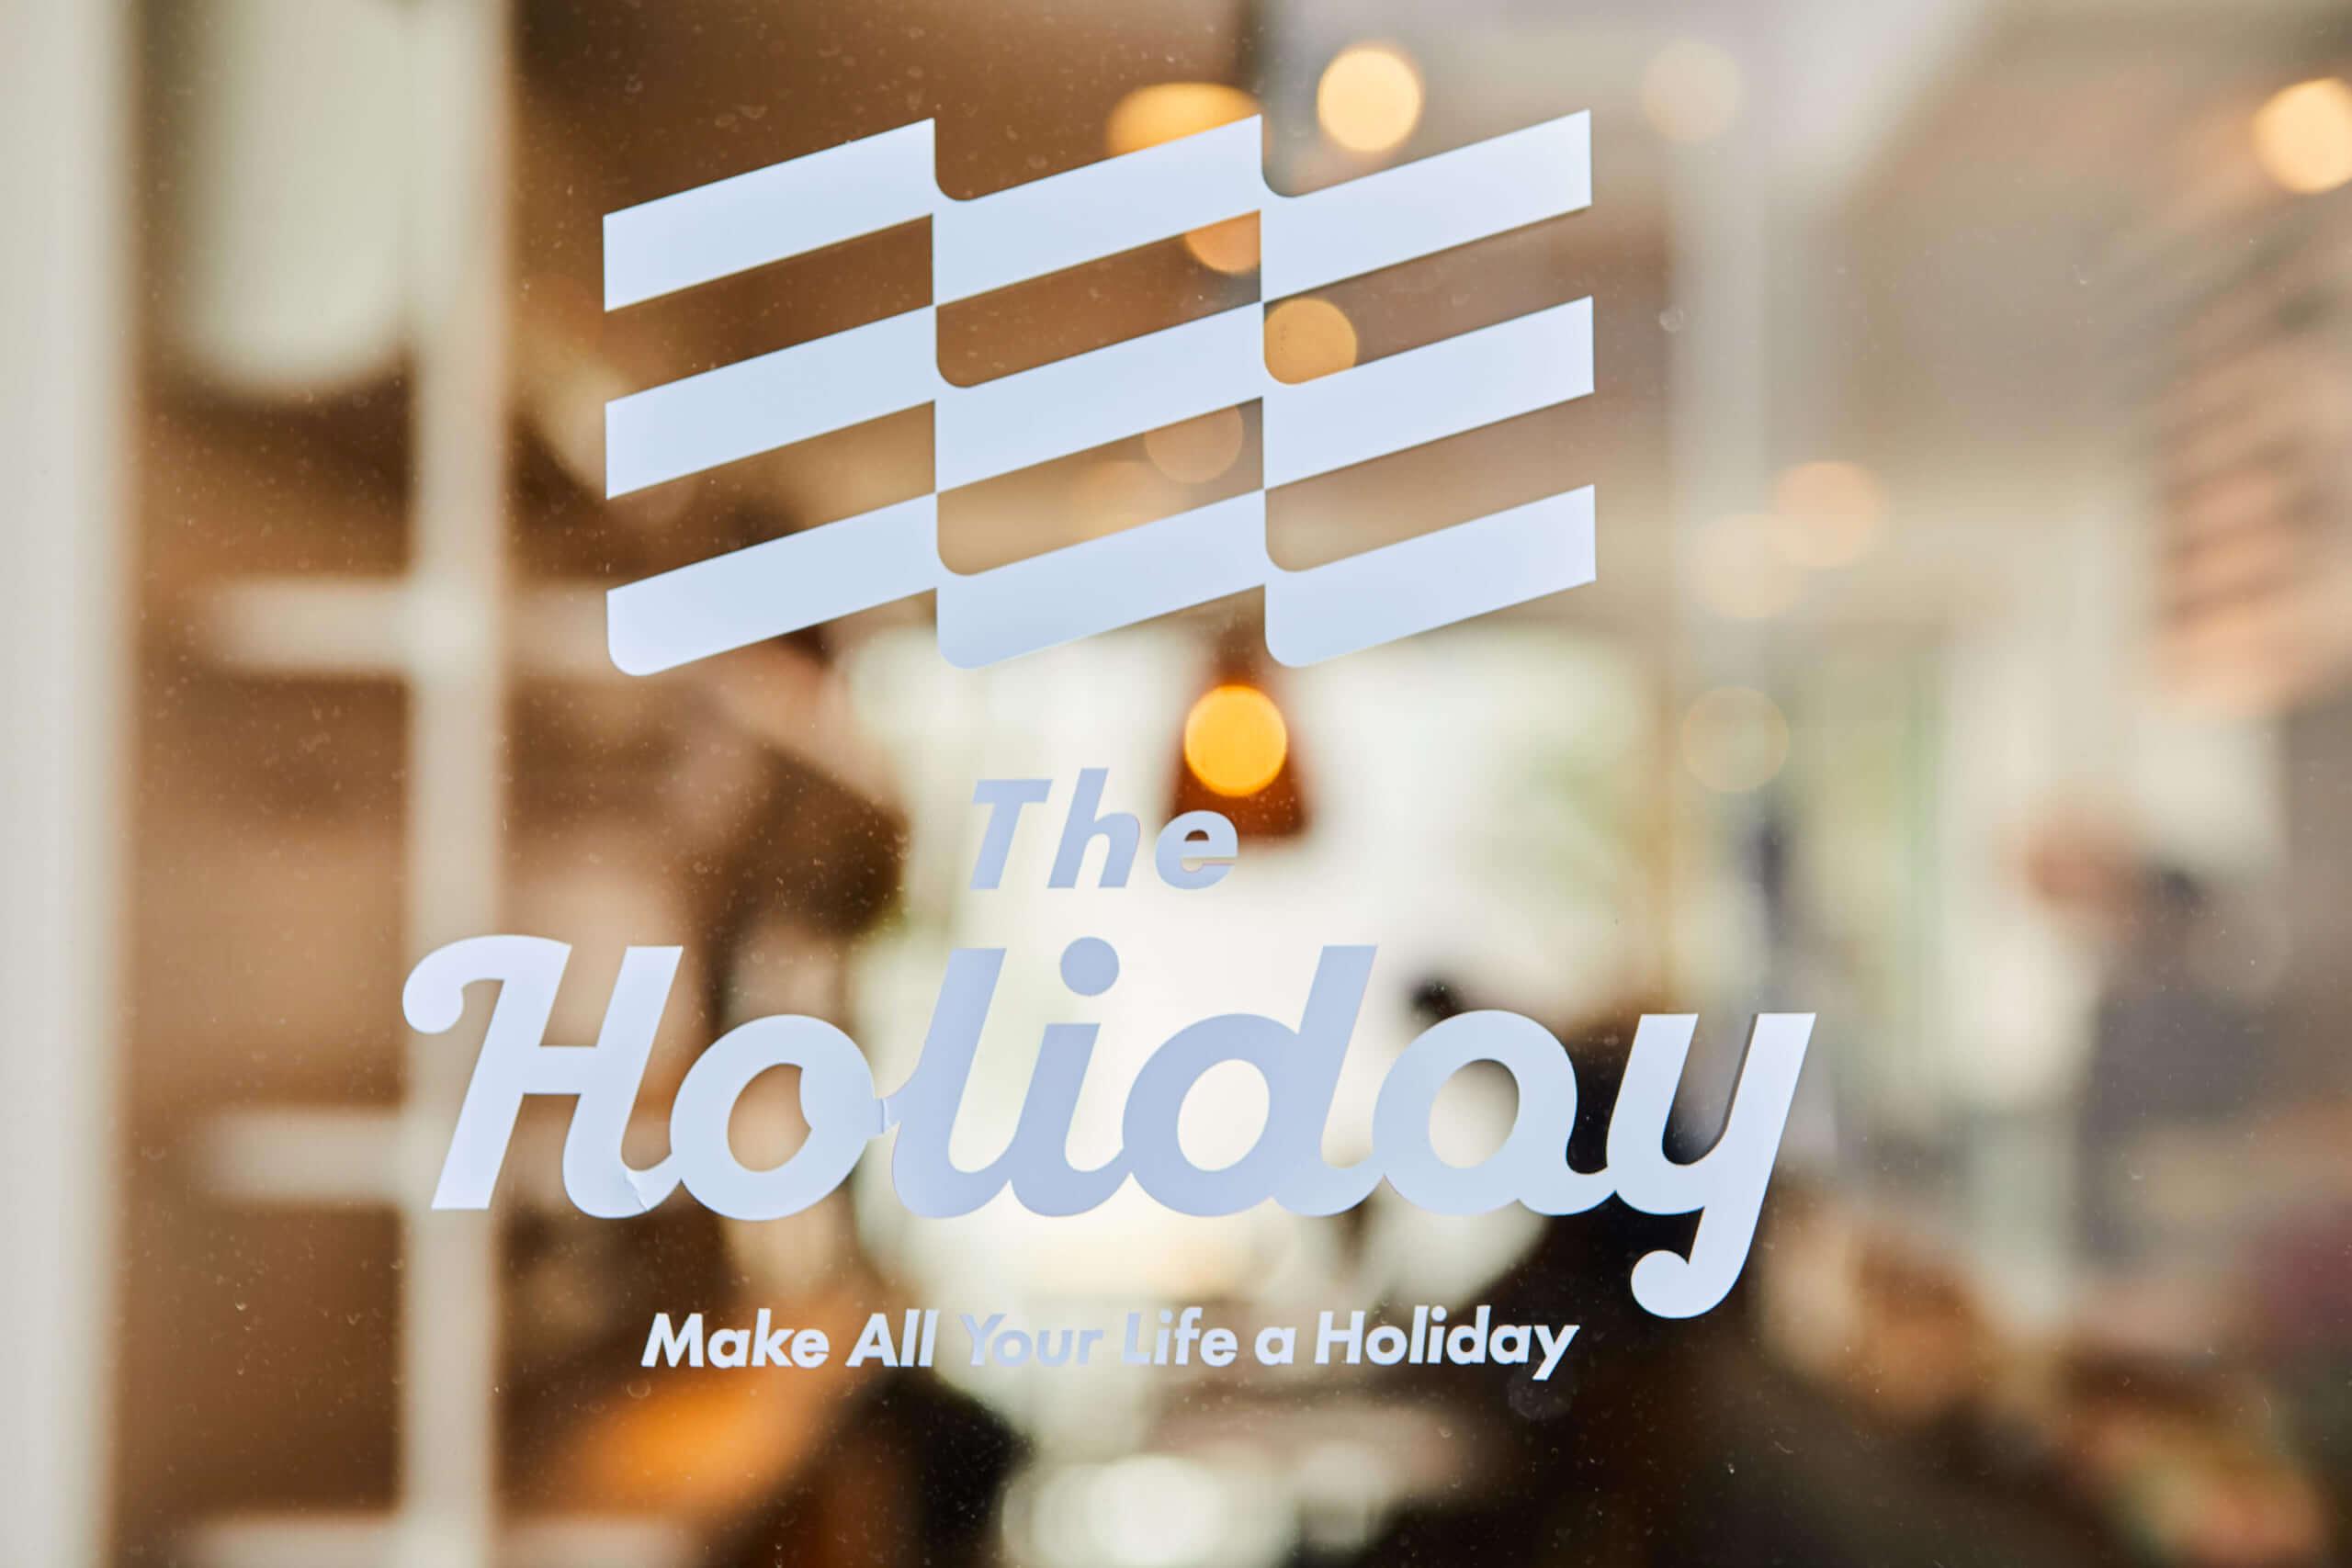 The Holiday(ザ ホリデイ)のロゴデザイン